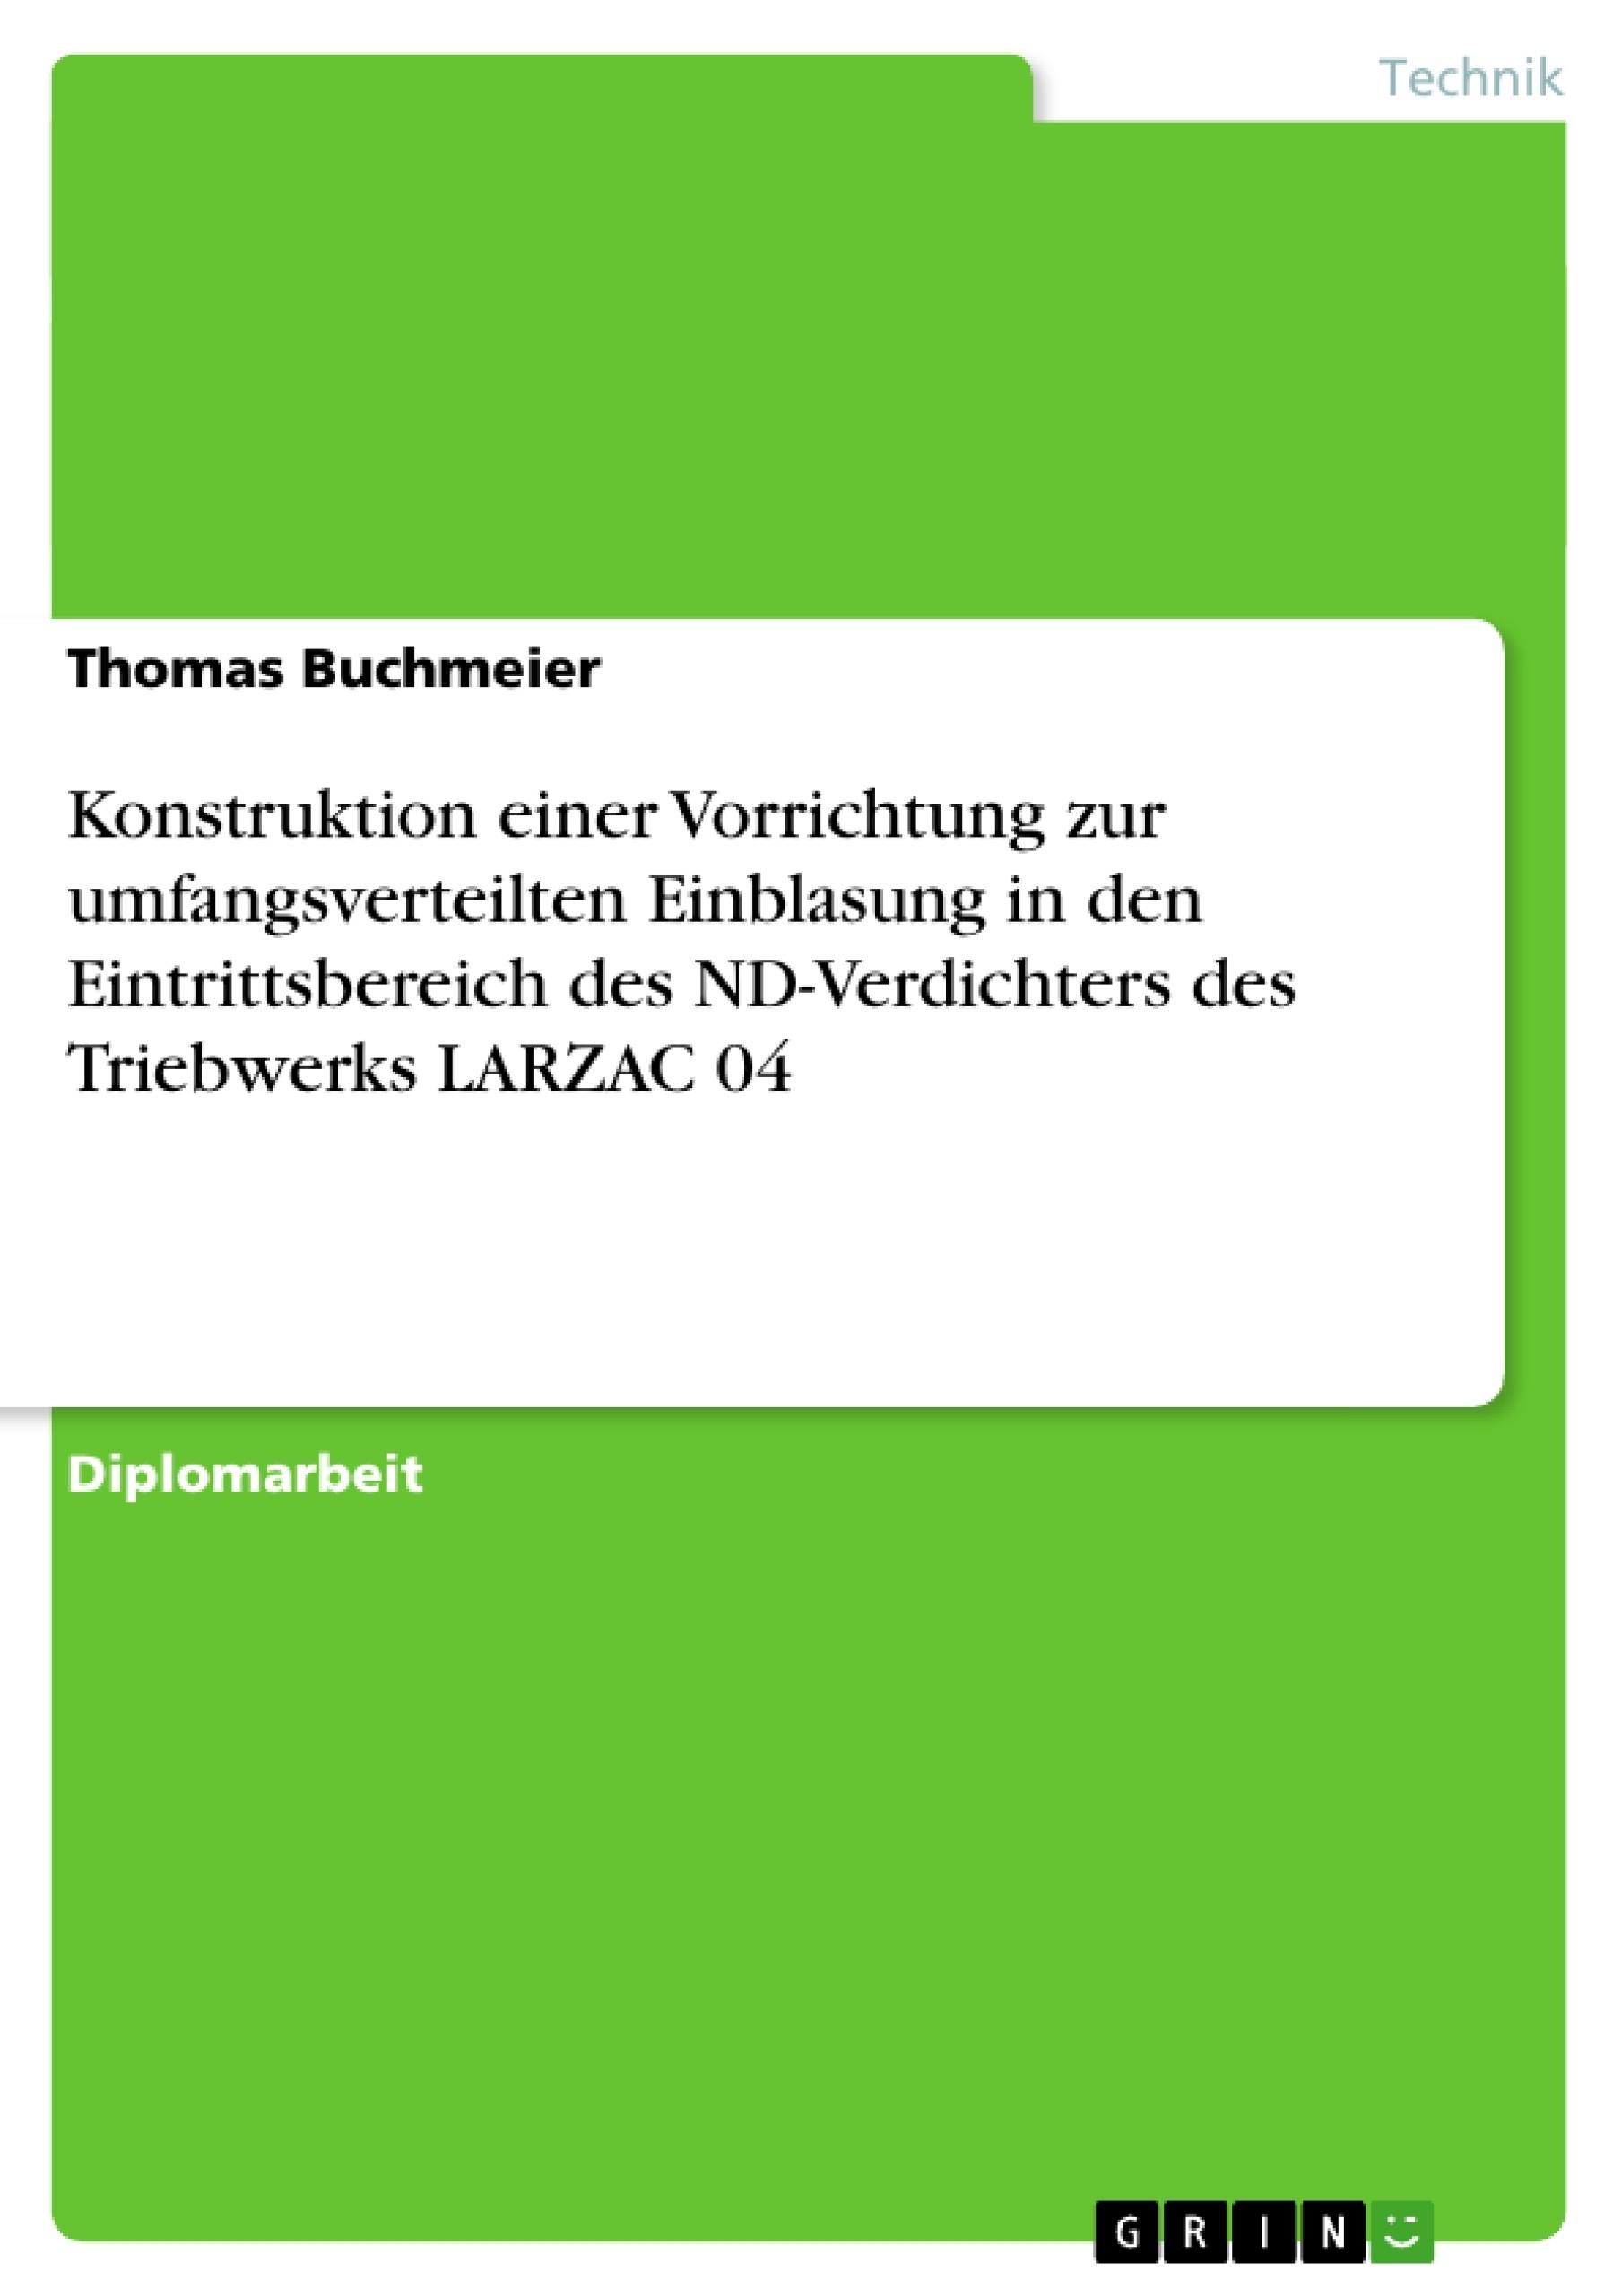 Titel: Konstruktion einer Vorrichtung zur umfangsverteilten Einblasung in den Eintrittsbereich des ND-Verdichters des Triebwerks LARZAC 04